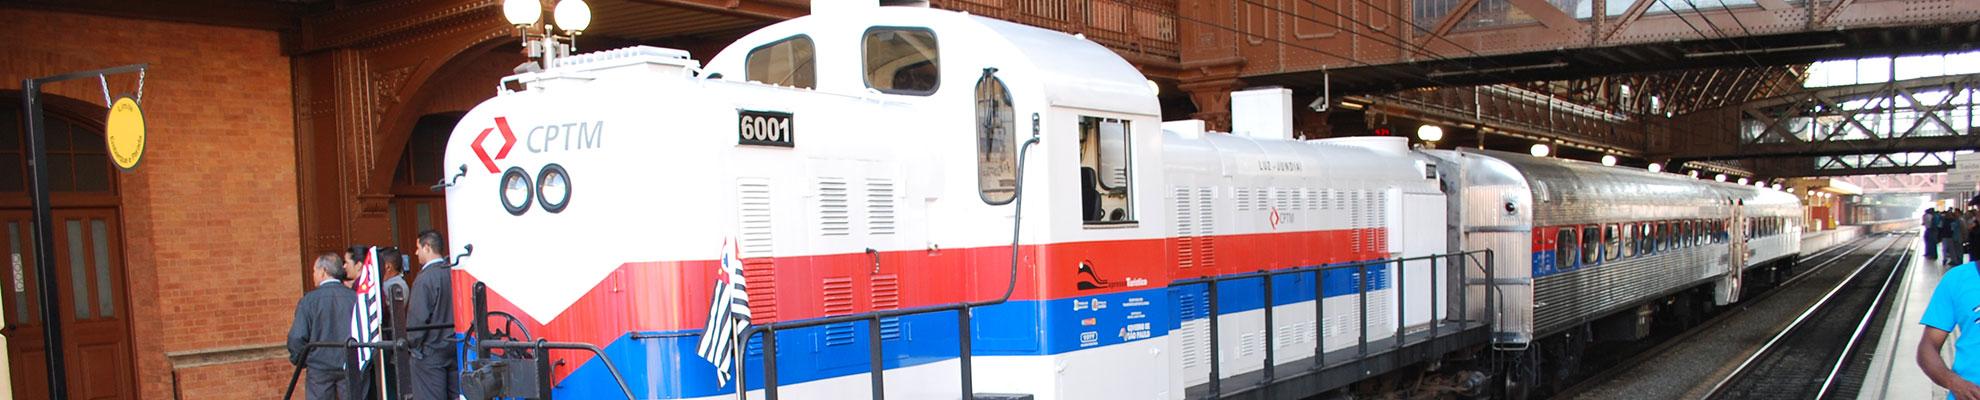 Viagens de trem até Paranapiacaba estão com novos horários